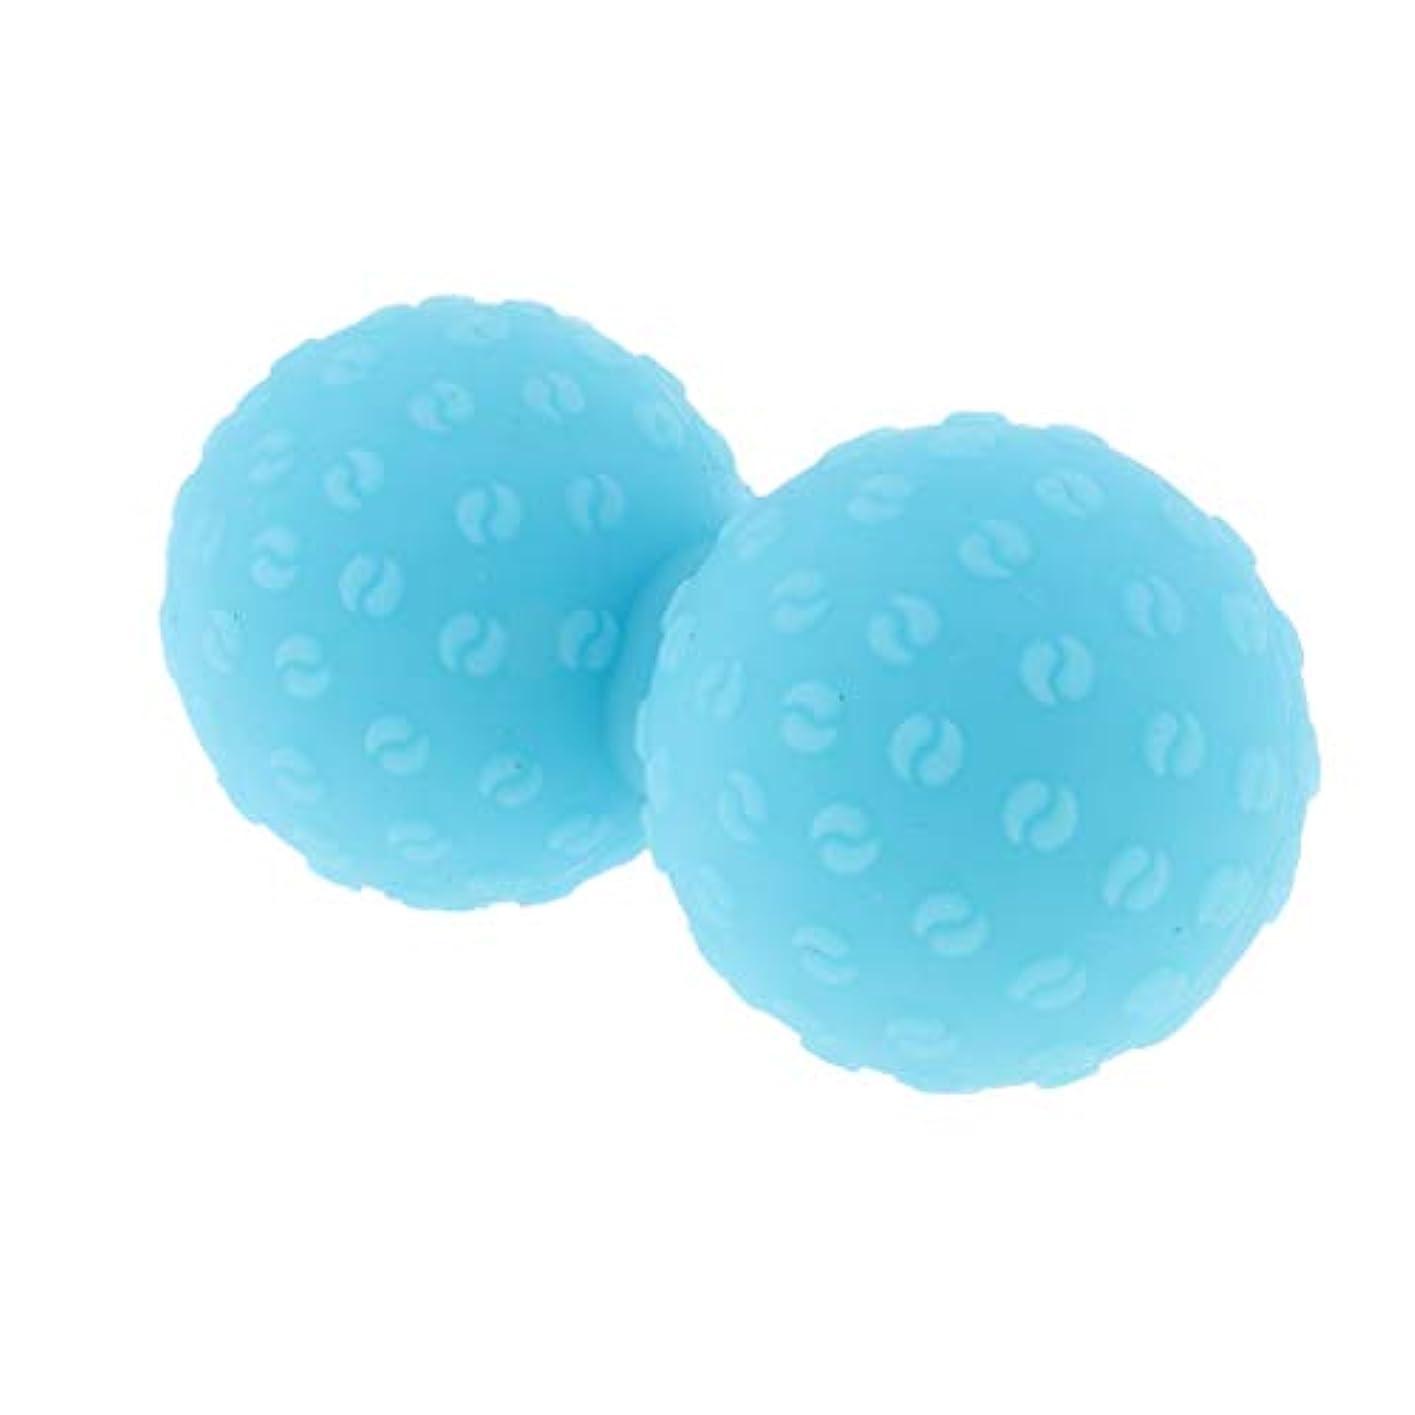 一致する賠償宗教シリコンマッサージボール 指圧ボール ピーナッツ トリガーポイント ツボ押しグッズ ヨガ 全6色 - 青, 説明のとおり